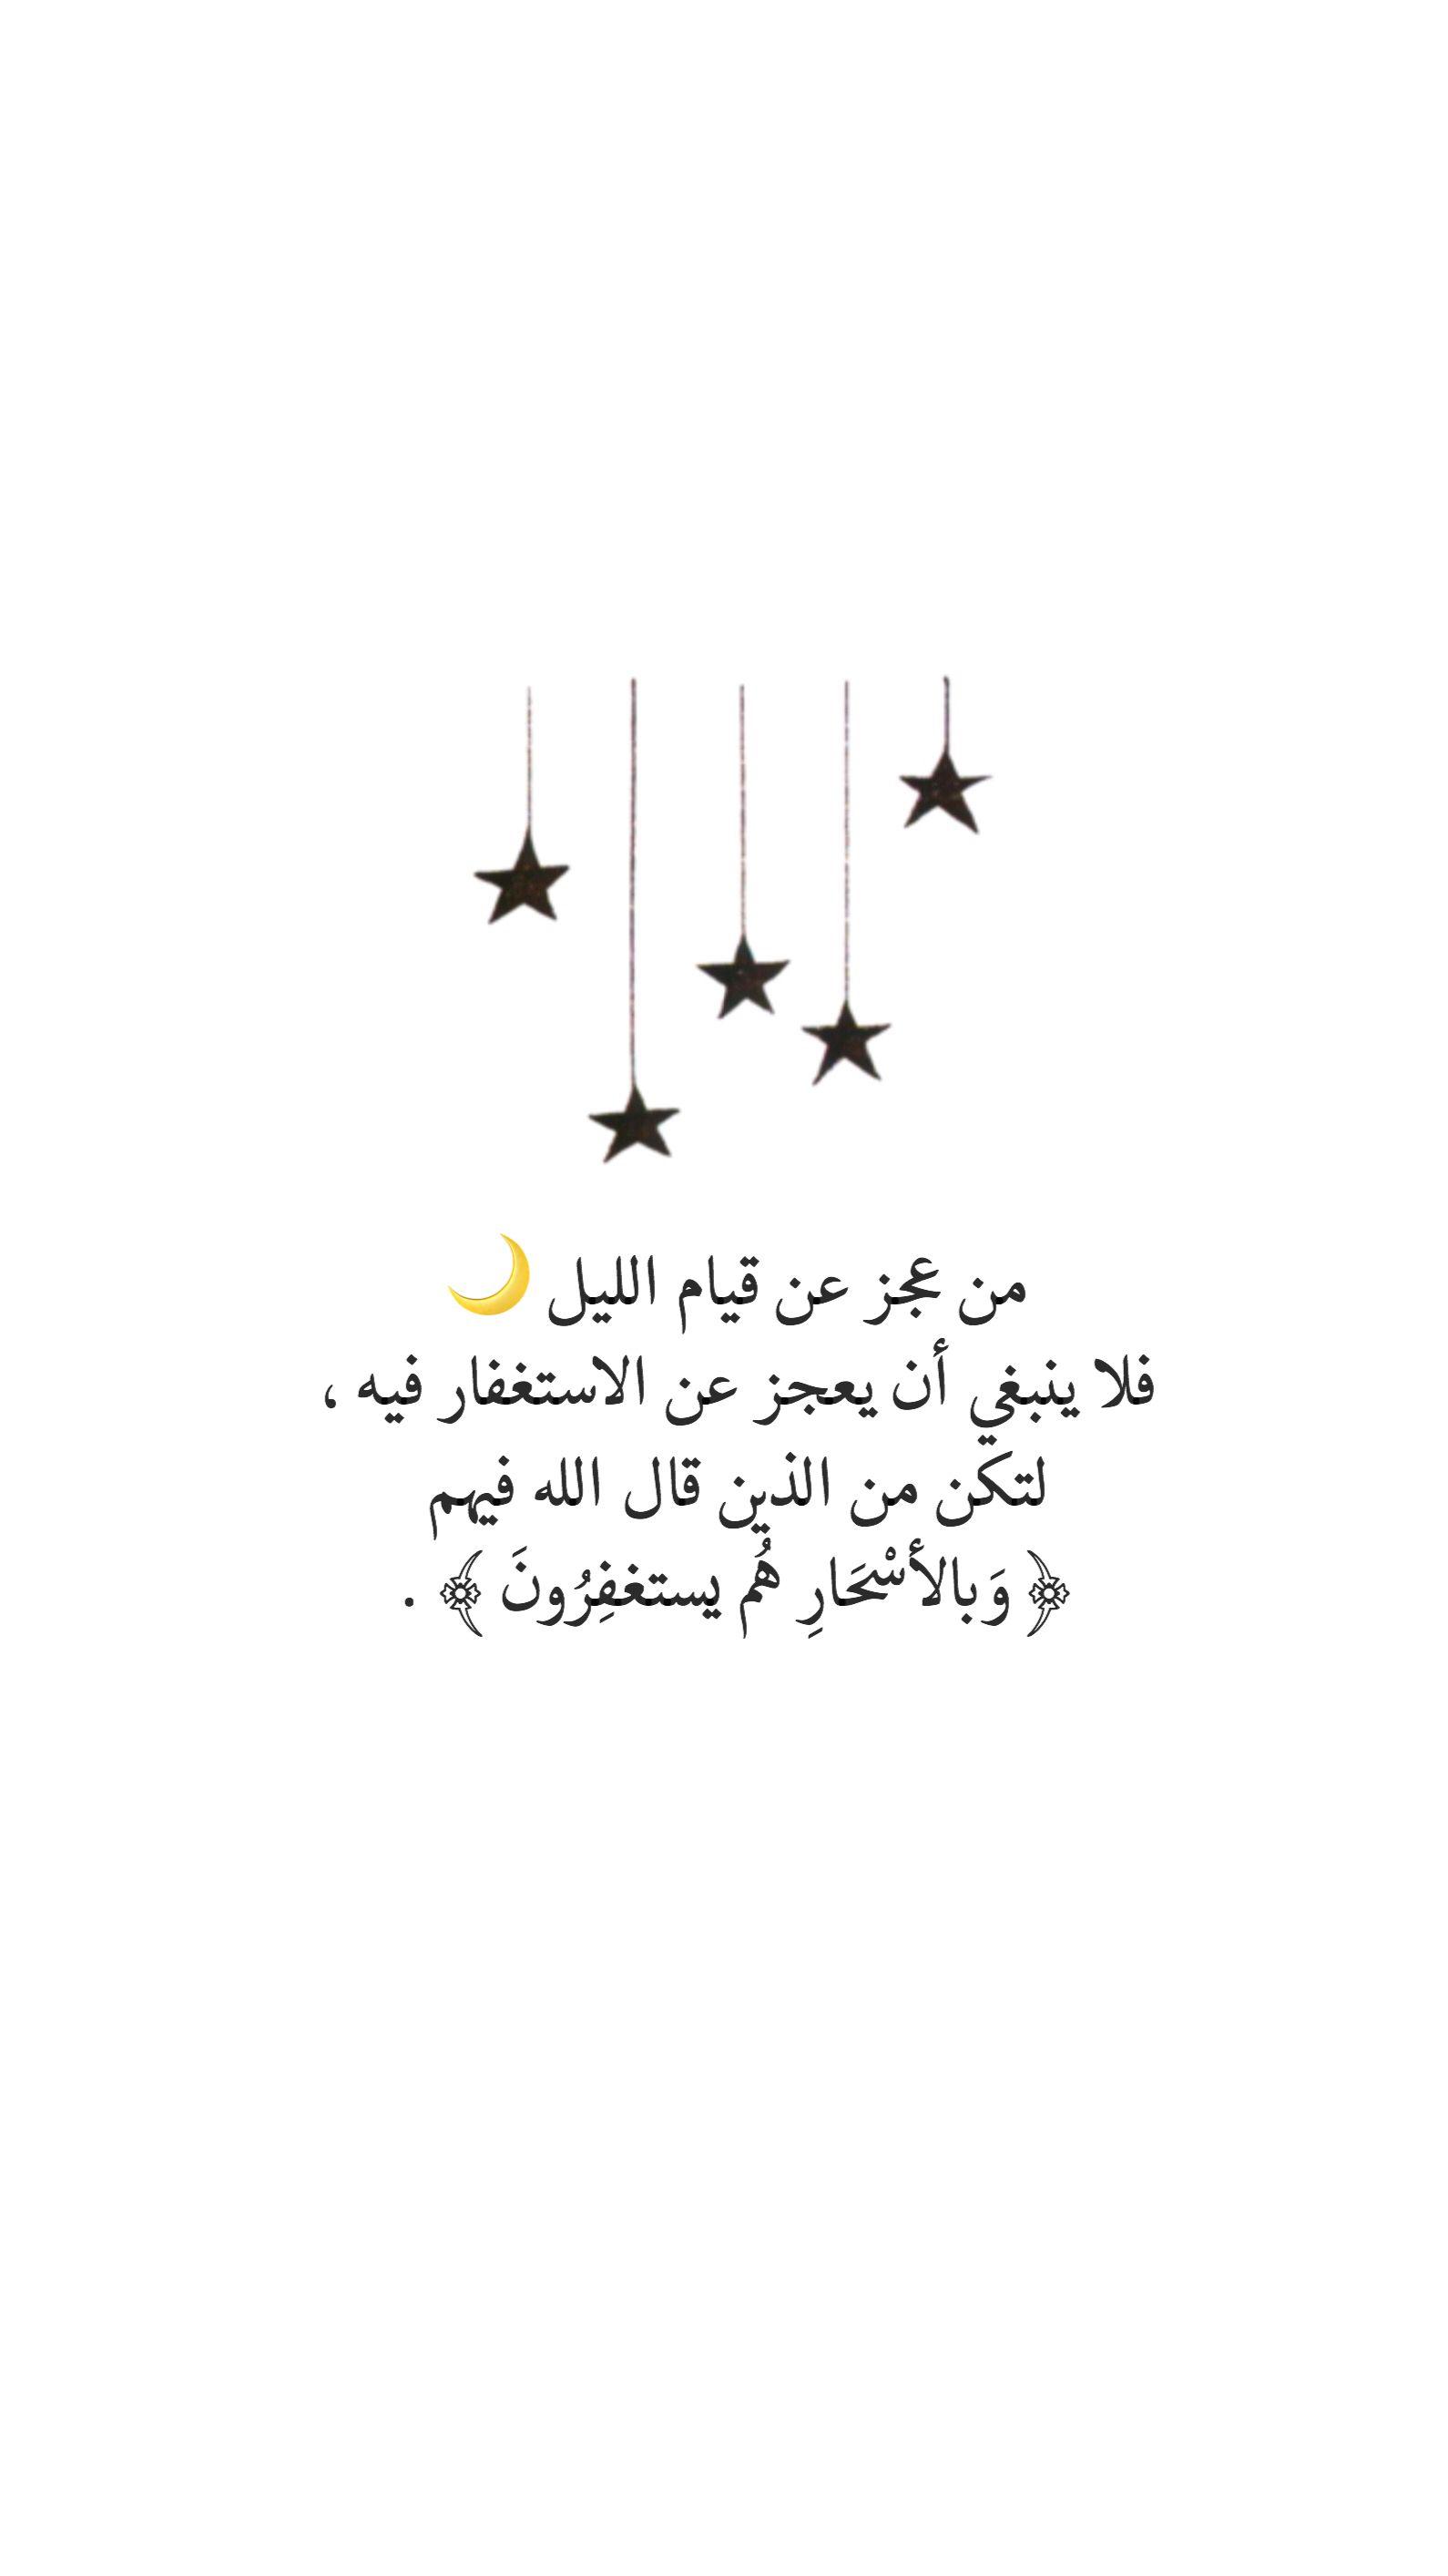 استغفر الله العظيم واتوب اليه Quran Quotes Quran Quotes Love Words Quotes